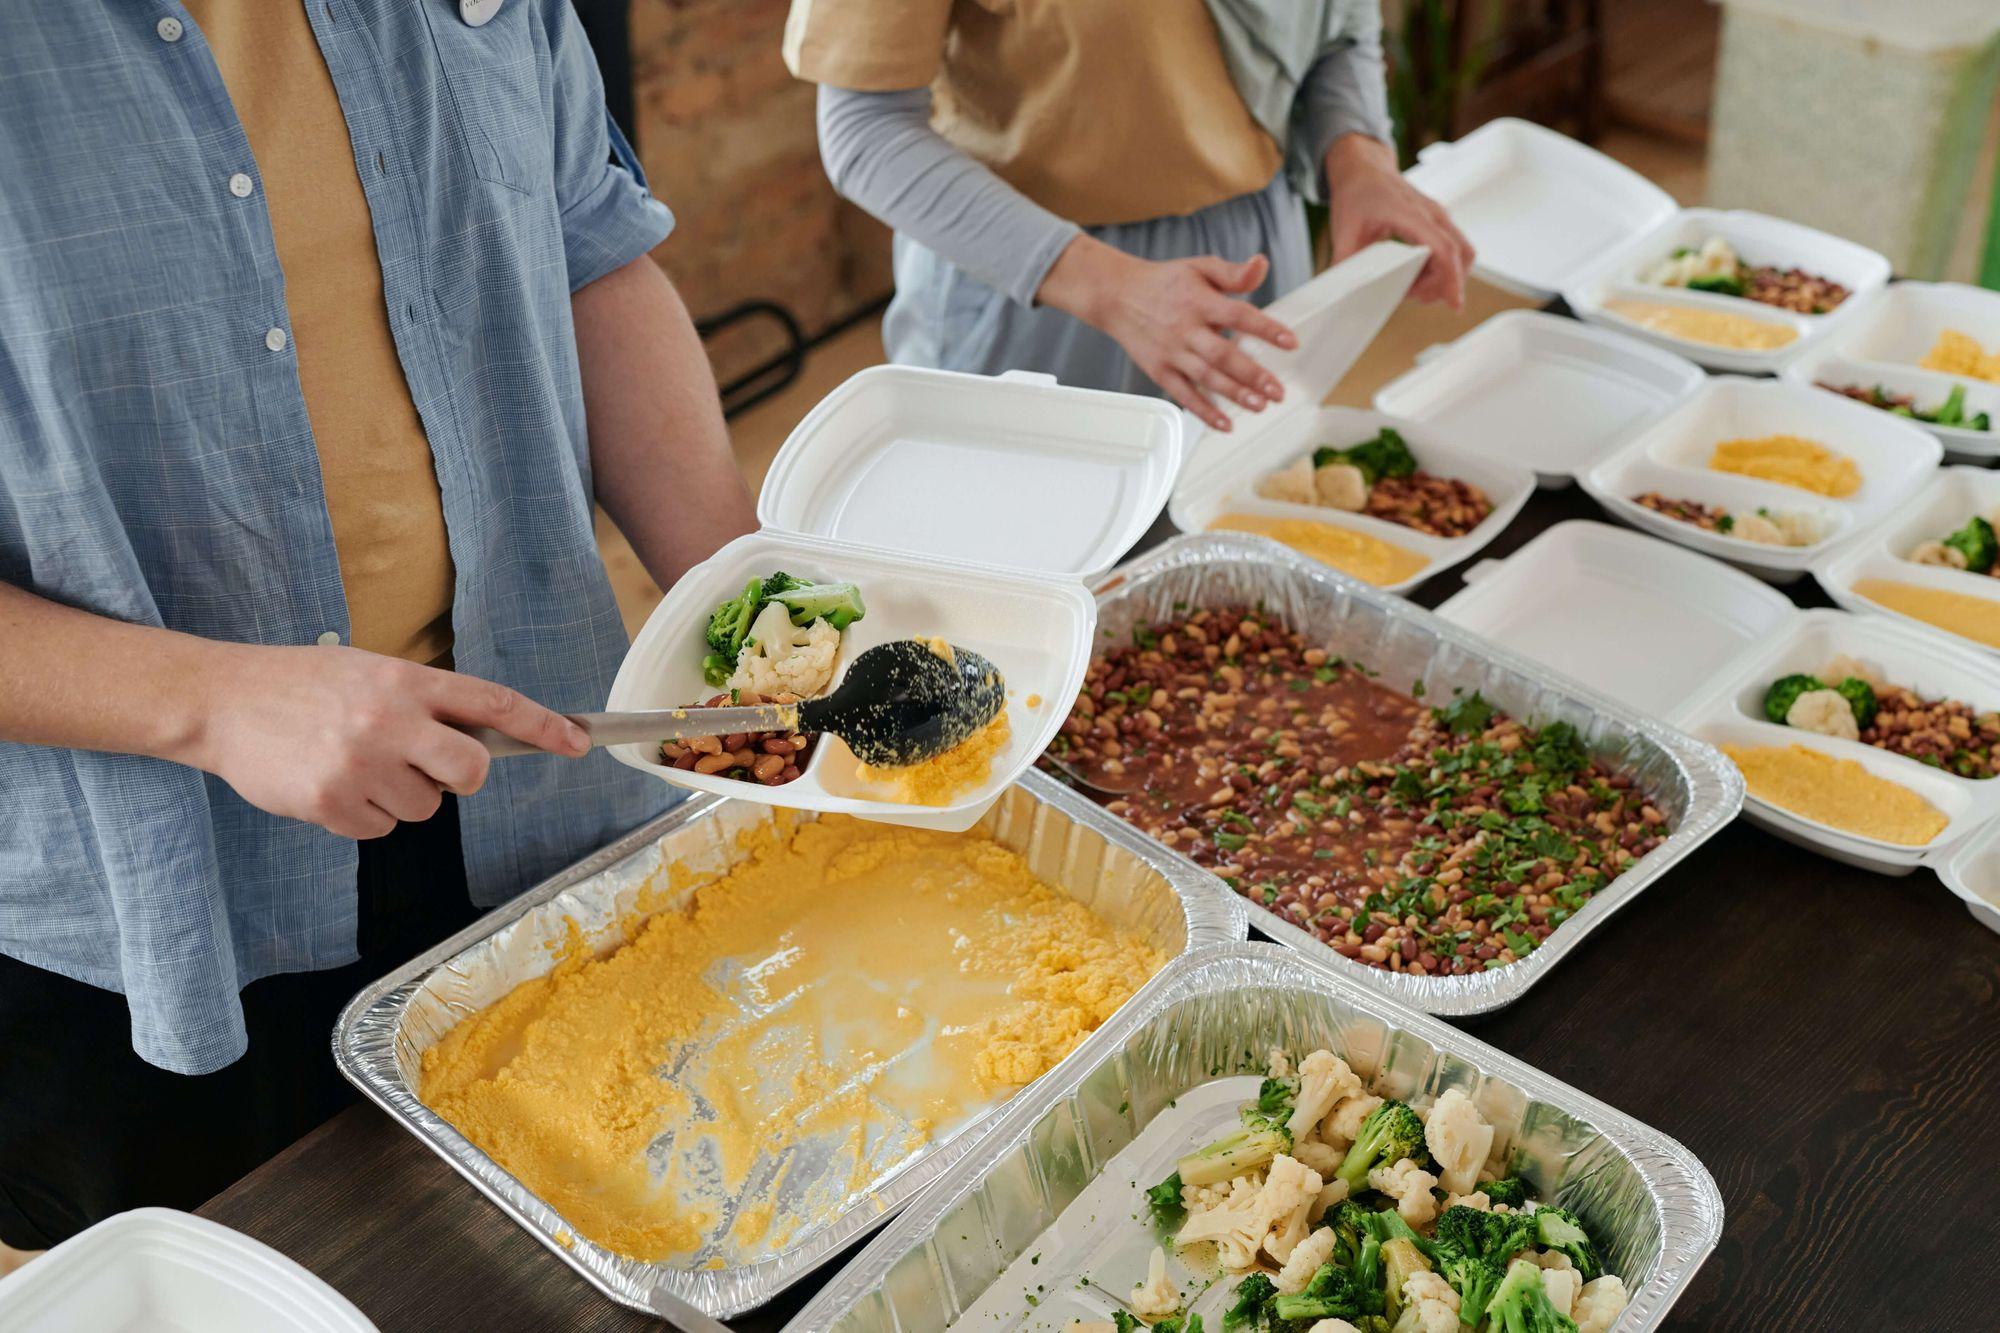 A imagem mostra duas pessoas próximas a uma mesa onde há diversos recipientes descartáveis com alimentos preparados. Elas montam marmitas de isopor com os alimentos.